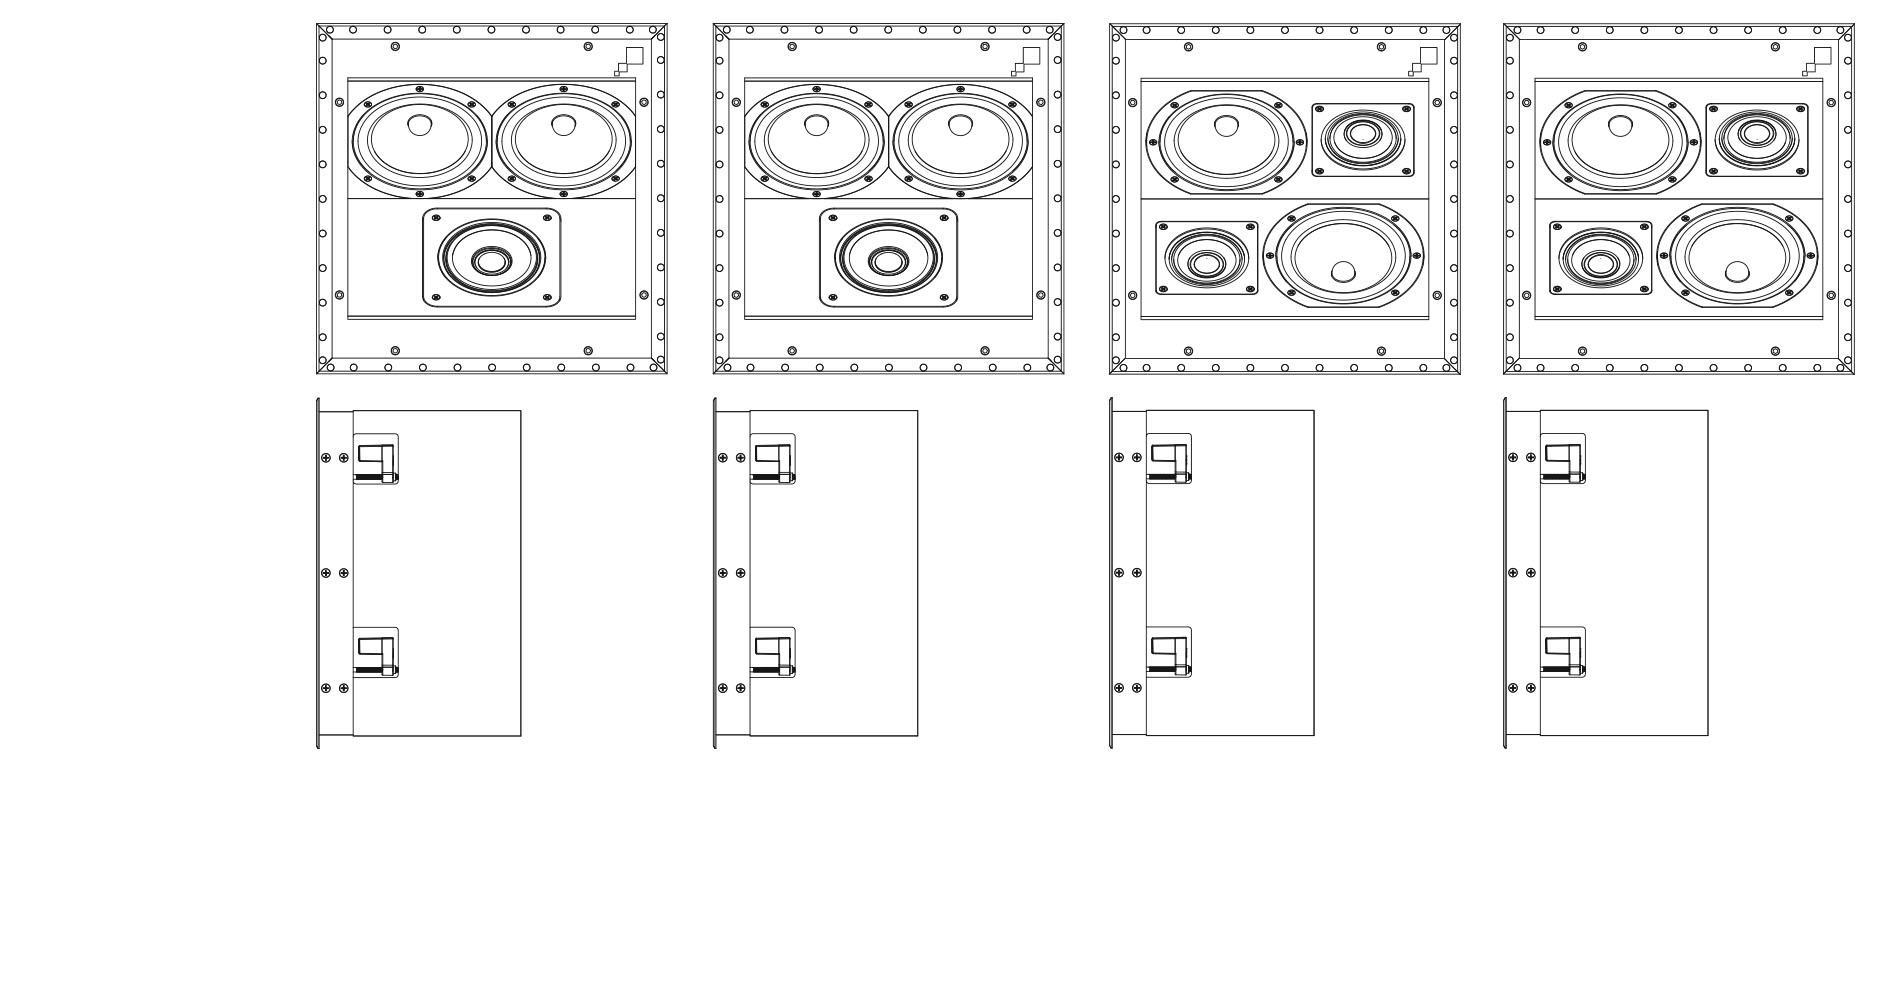 CAD_VP_Cinema_In_Ceiling_100357